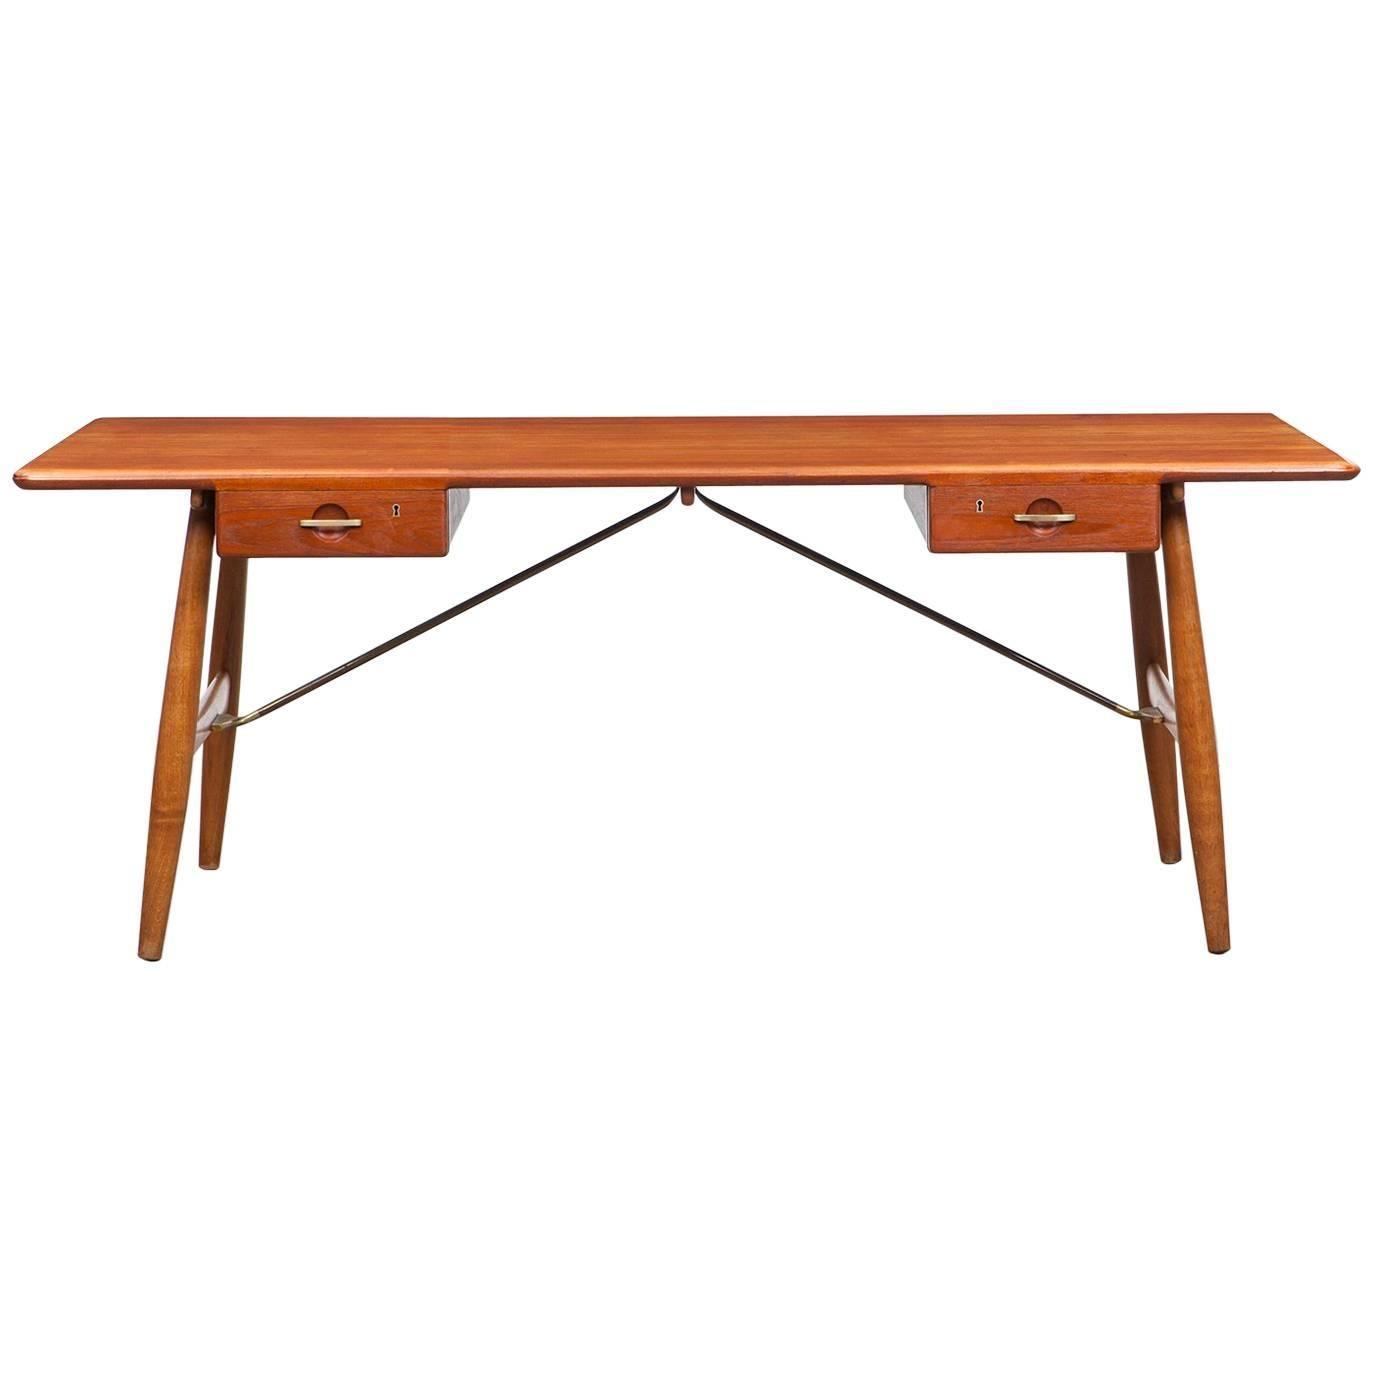 1950s Brown Teak Desk by Hans Wegner for Johannes Hansen